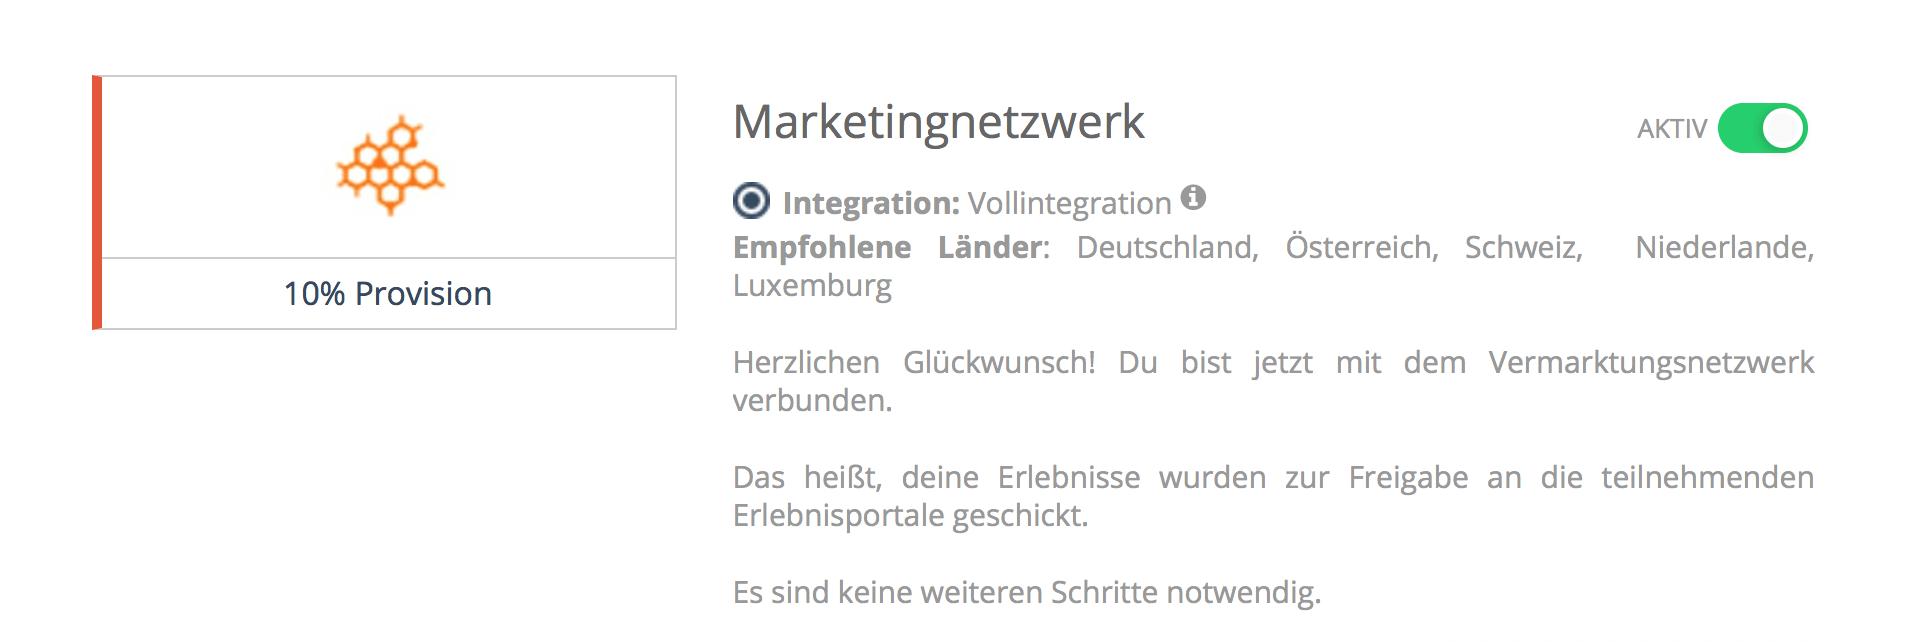 bookingkit-Cross-Selling-Vendor-Lokale-Erlebnisse-bewerben-Screenshot-Marktetingnetzwerk1-Sell-a-Friend